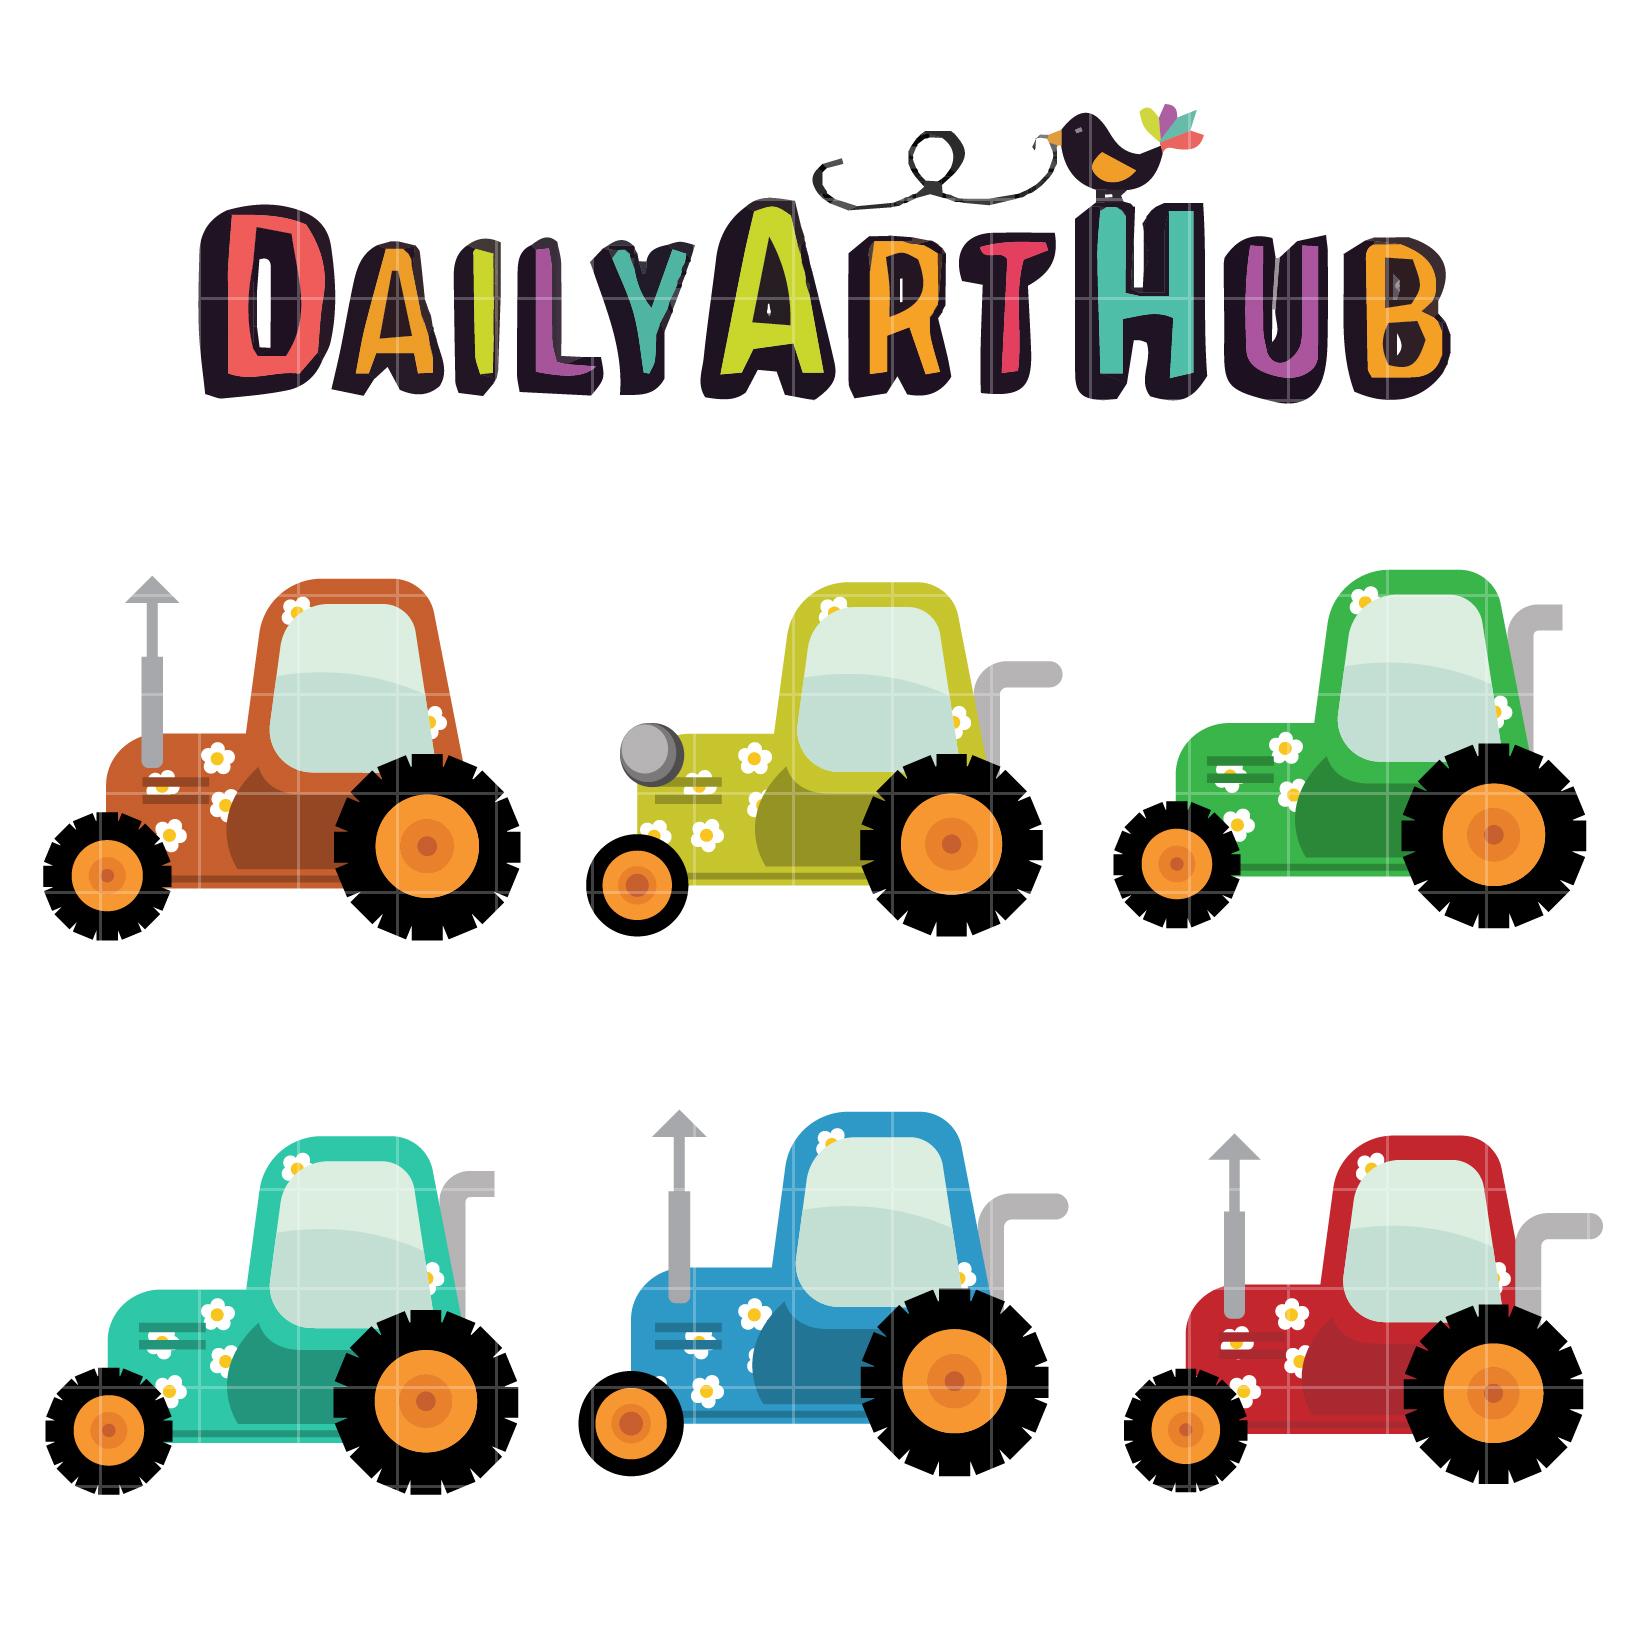 Tractor Cart Clip Art : Floral tractors clip art set daily hub